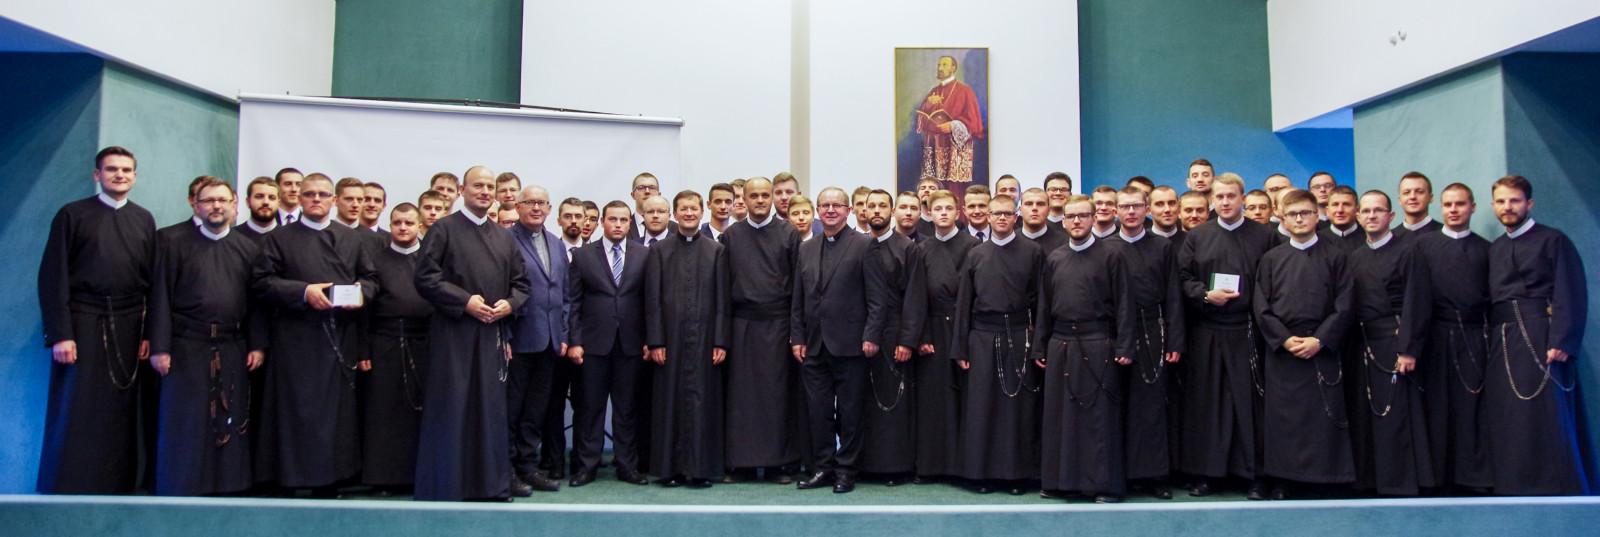 Wspólnota WSD Redemptorystów 2017-2018